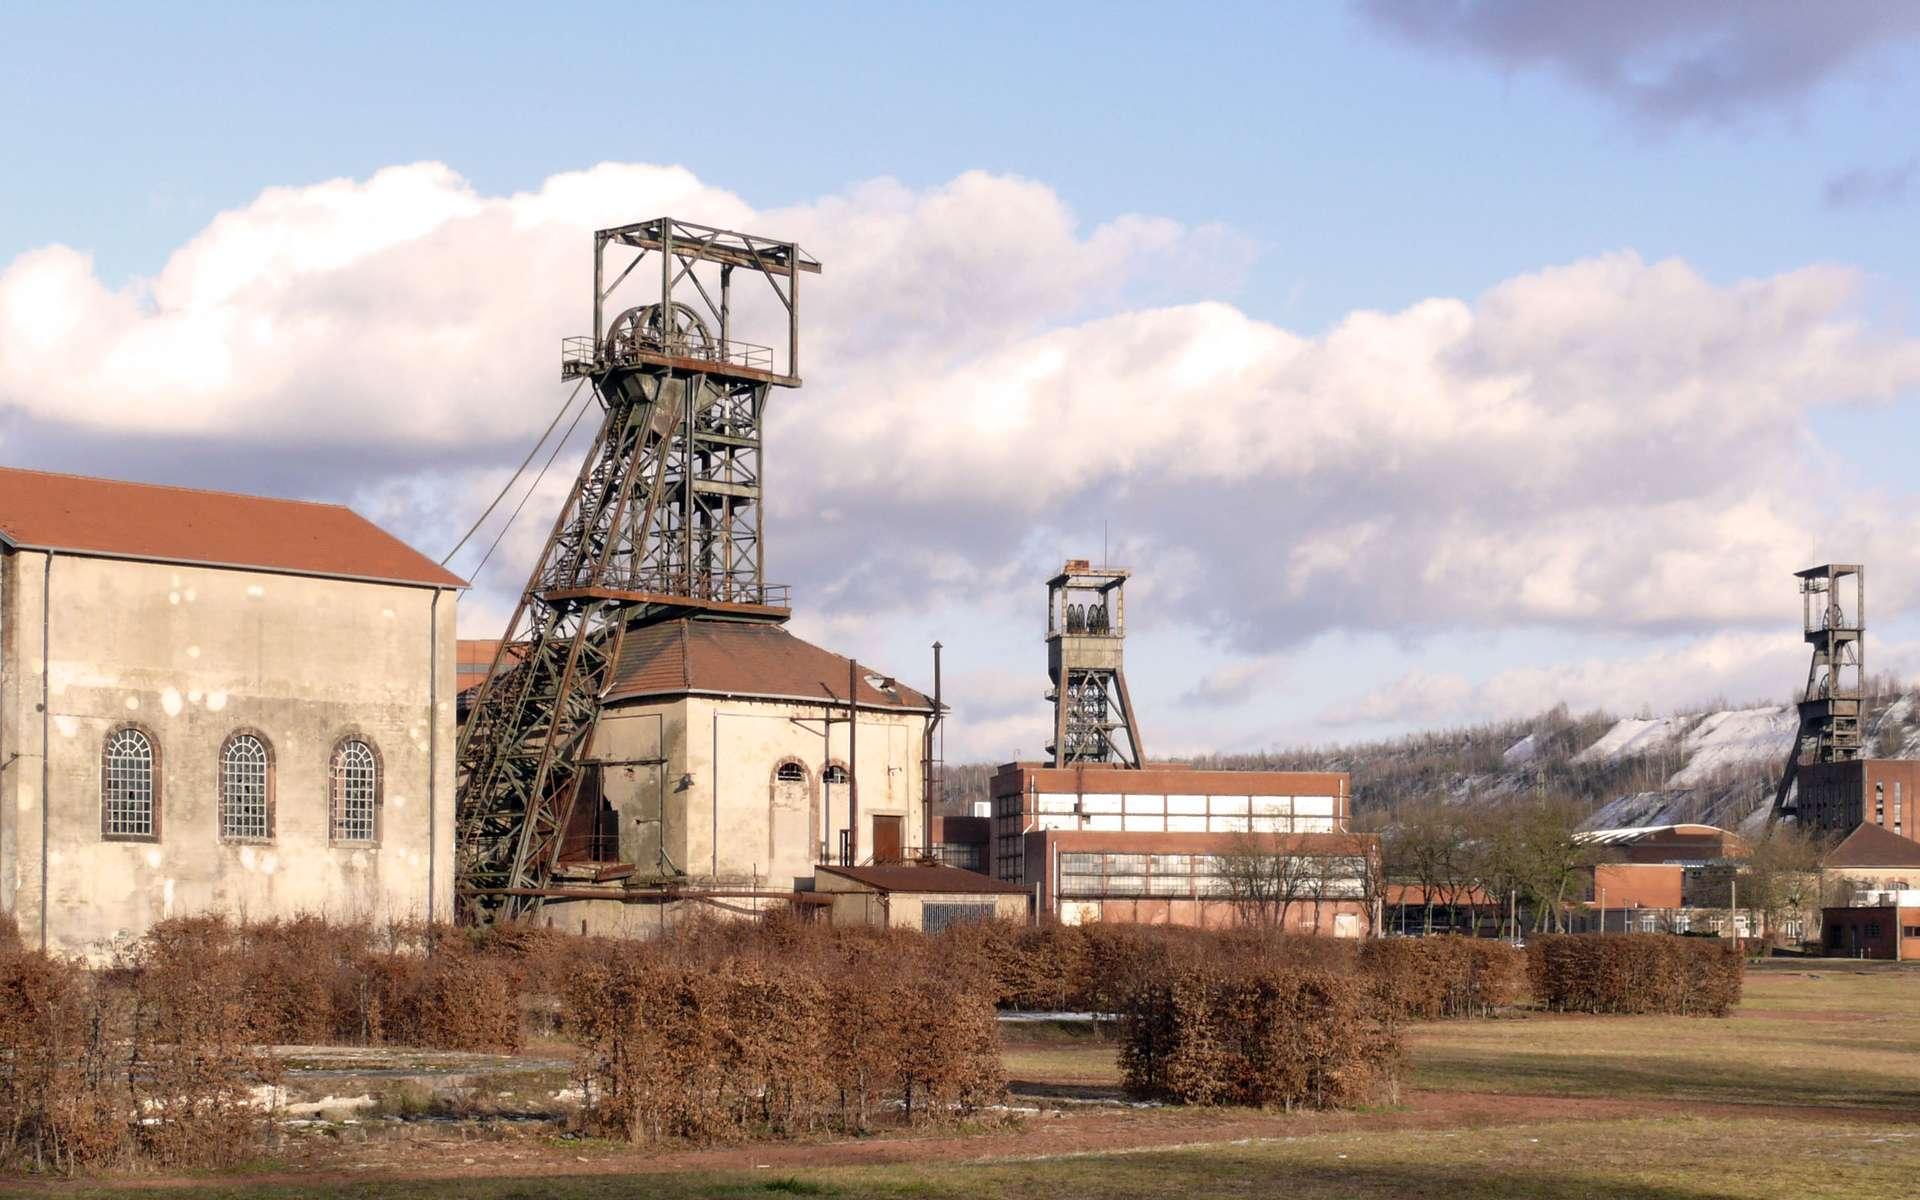 Le carreau Wendel, une ancienne mine de charbon à Petite-Rosselle en Lorraine. Aujourd'hui, le site abrite un musée qui immortalise l'exploitation du minerai. Ces gisements connaîtront-ils une seconde vie avec le gaz de houille ? © Jakob65 / Flickr - Licence Creative Commons (by-nc-sa 2.0)